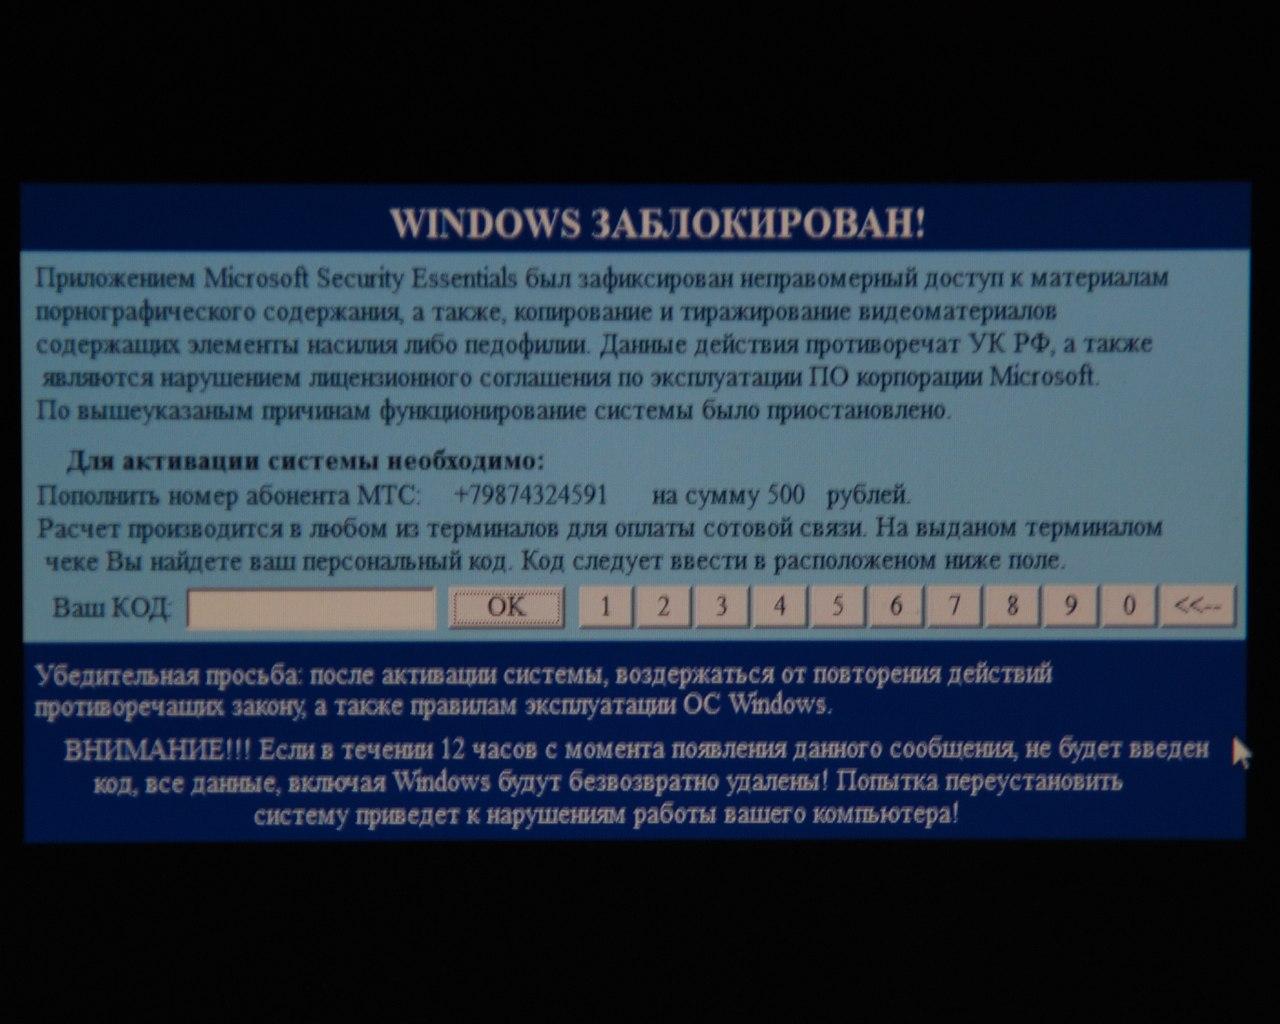 Как удалить вредоносный код с сайта своими руками